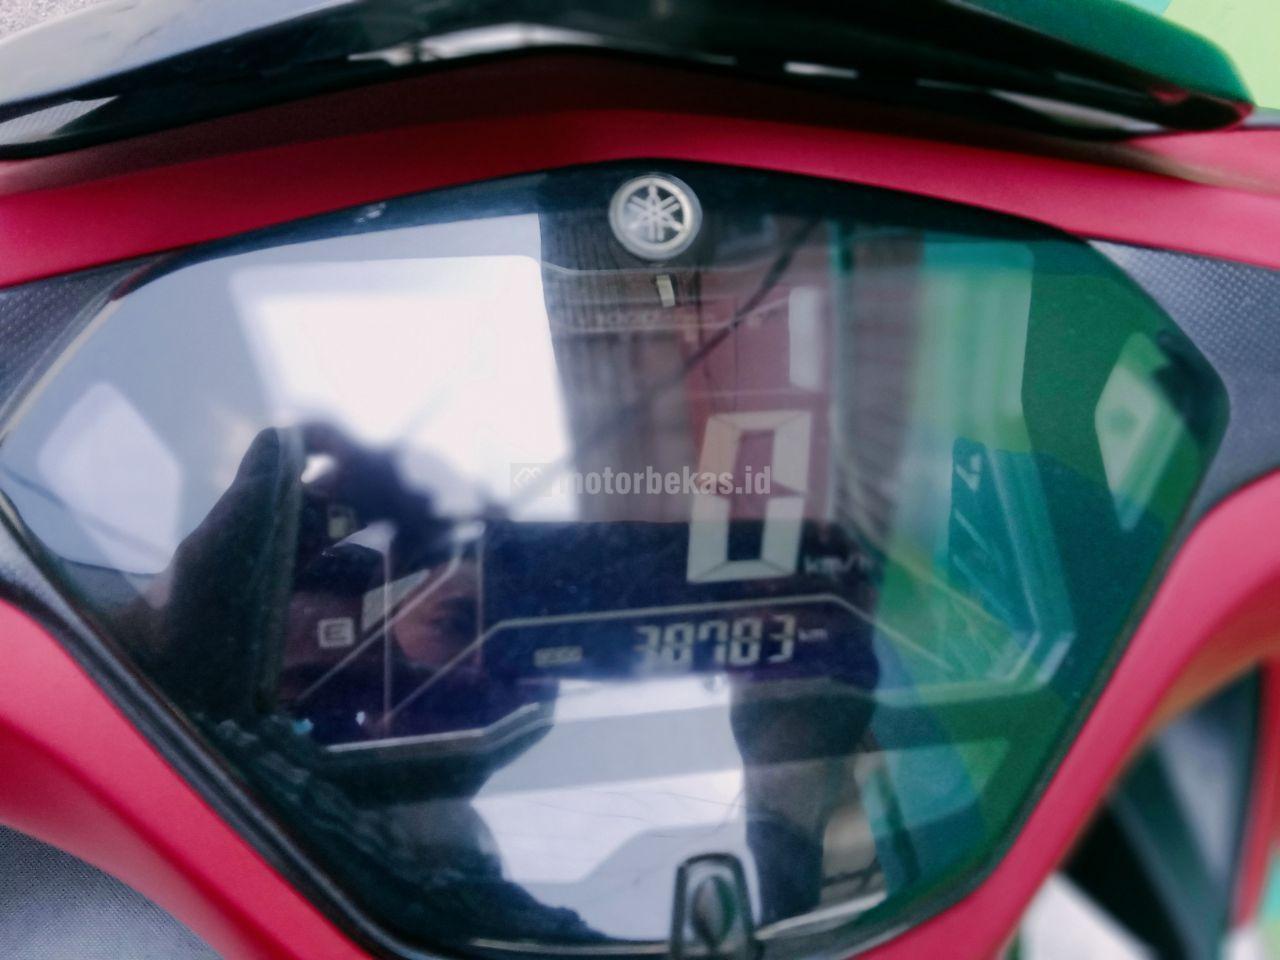 YAMAHA AEROX 155 FI 846 motorbekas.id